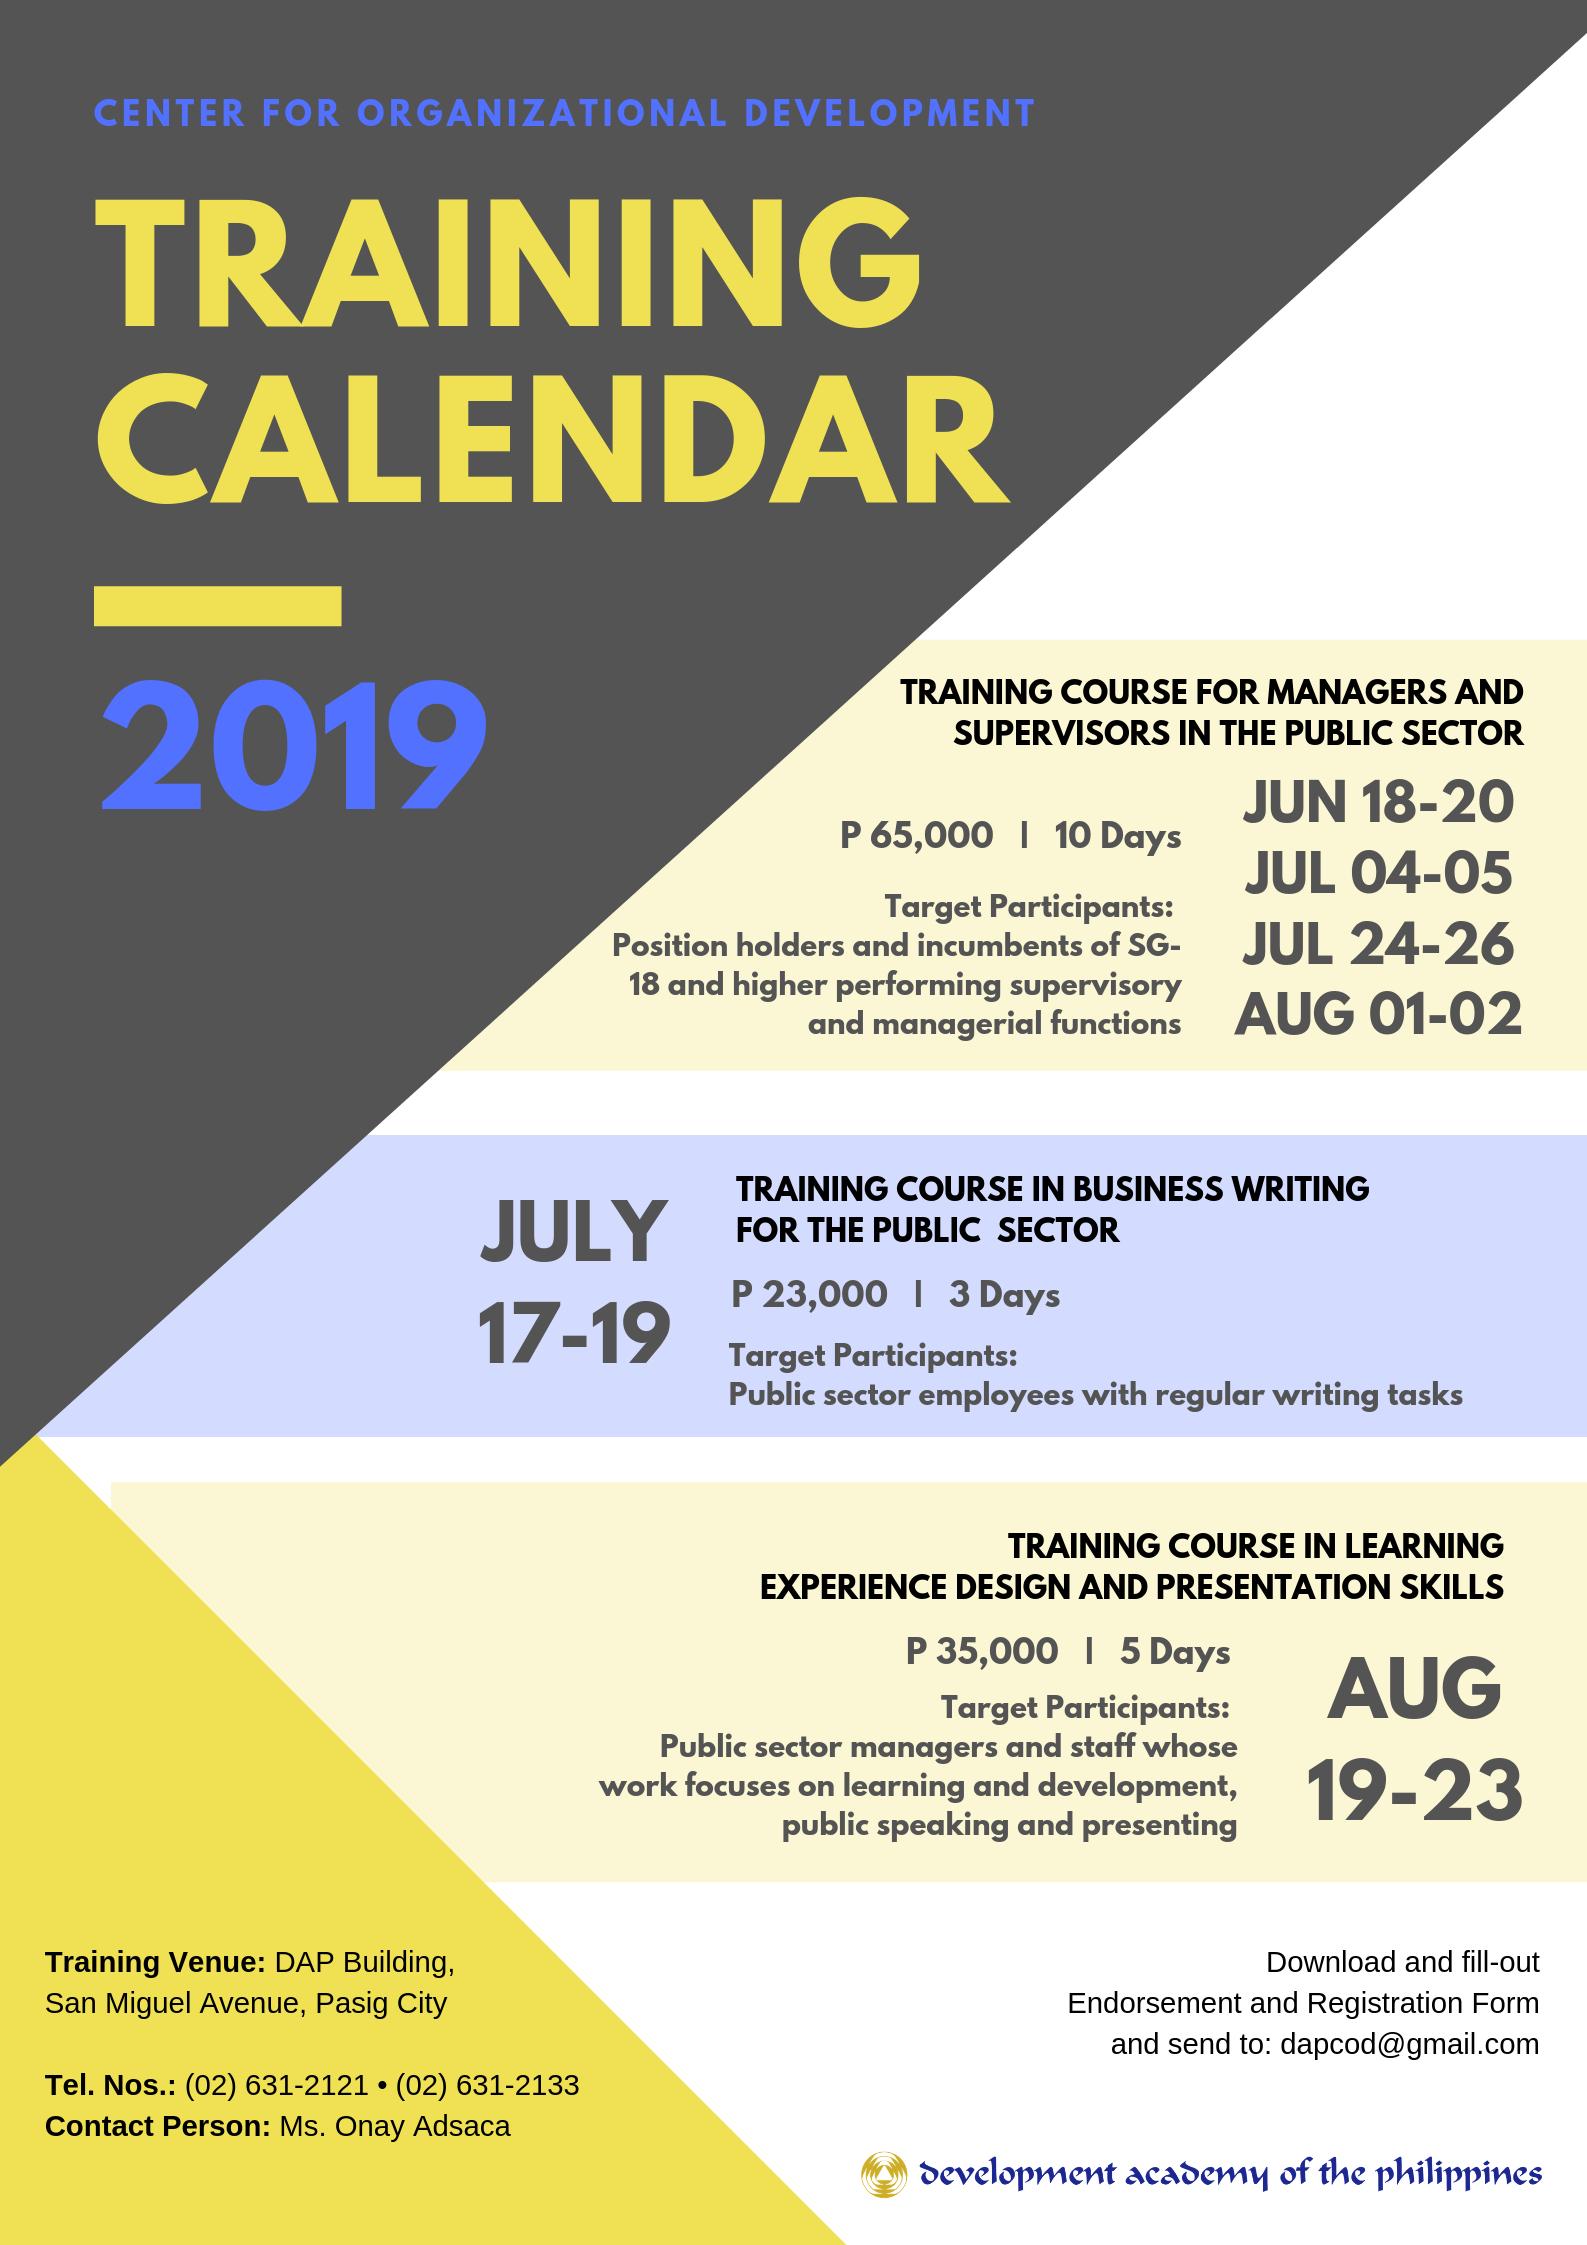 2019 Center For Organizational Development Training Calendar Calendar 2019 Target